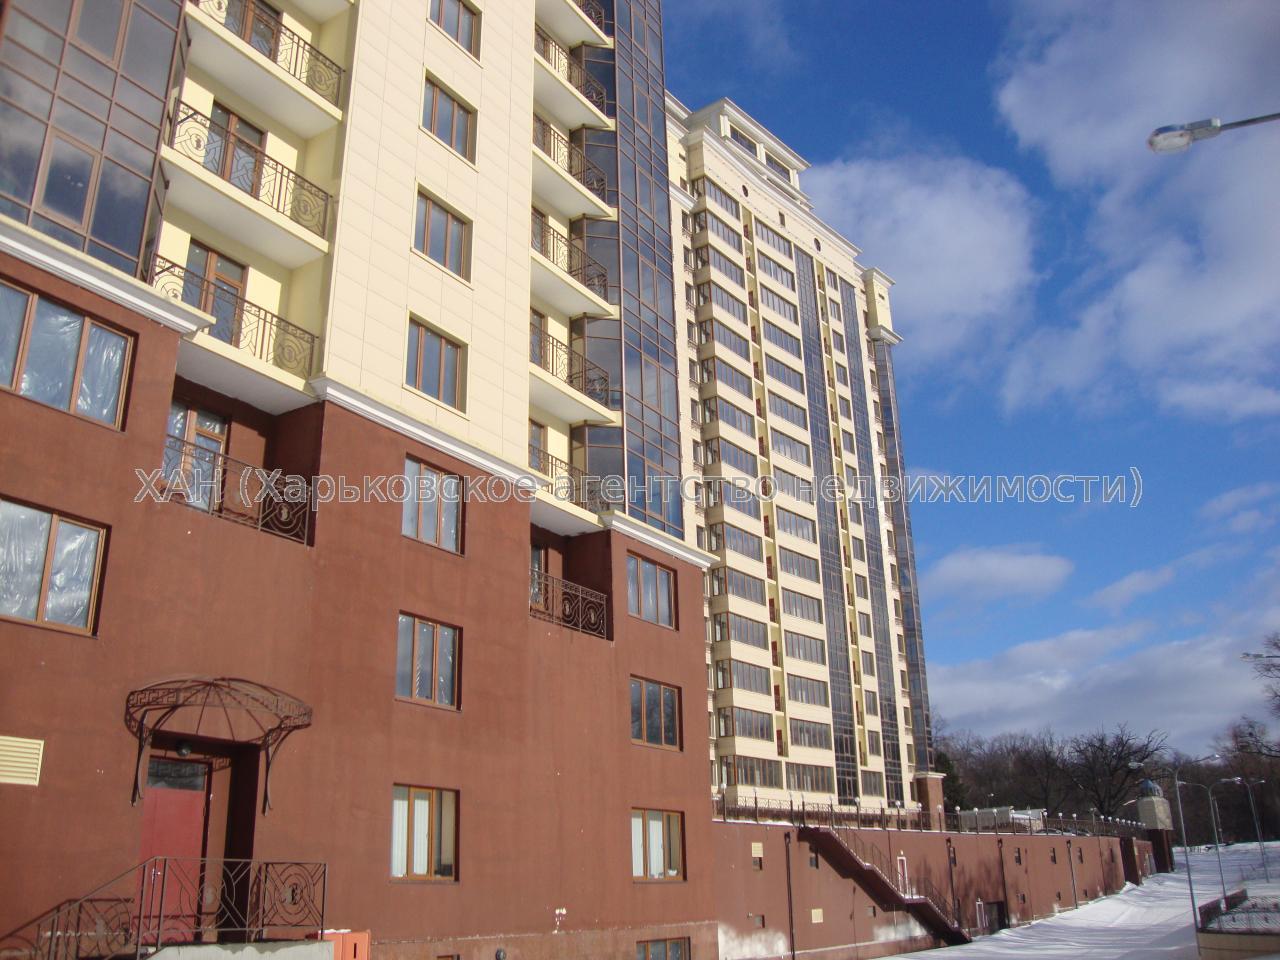 Продам квартиру Харьков, Профессорская ул. 2